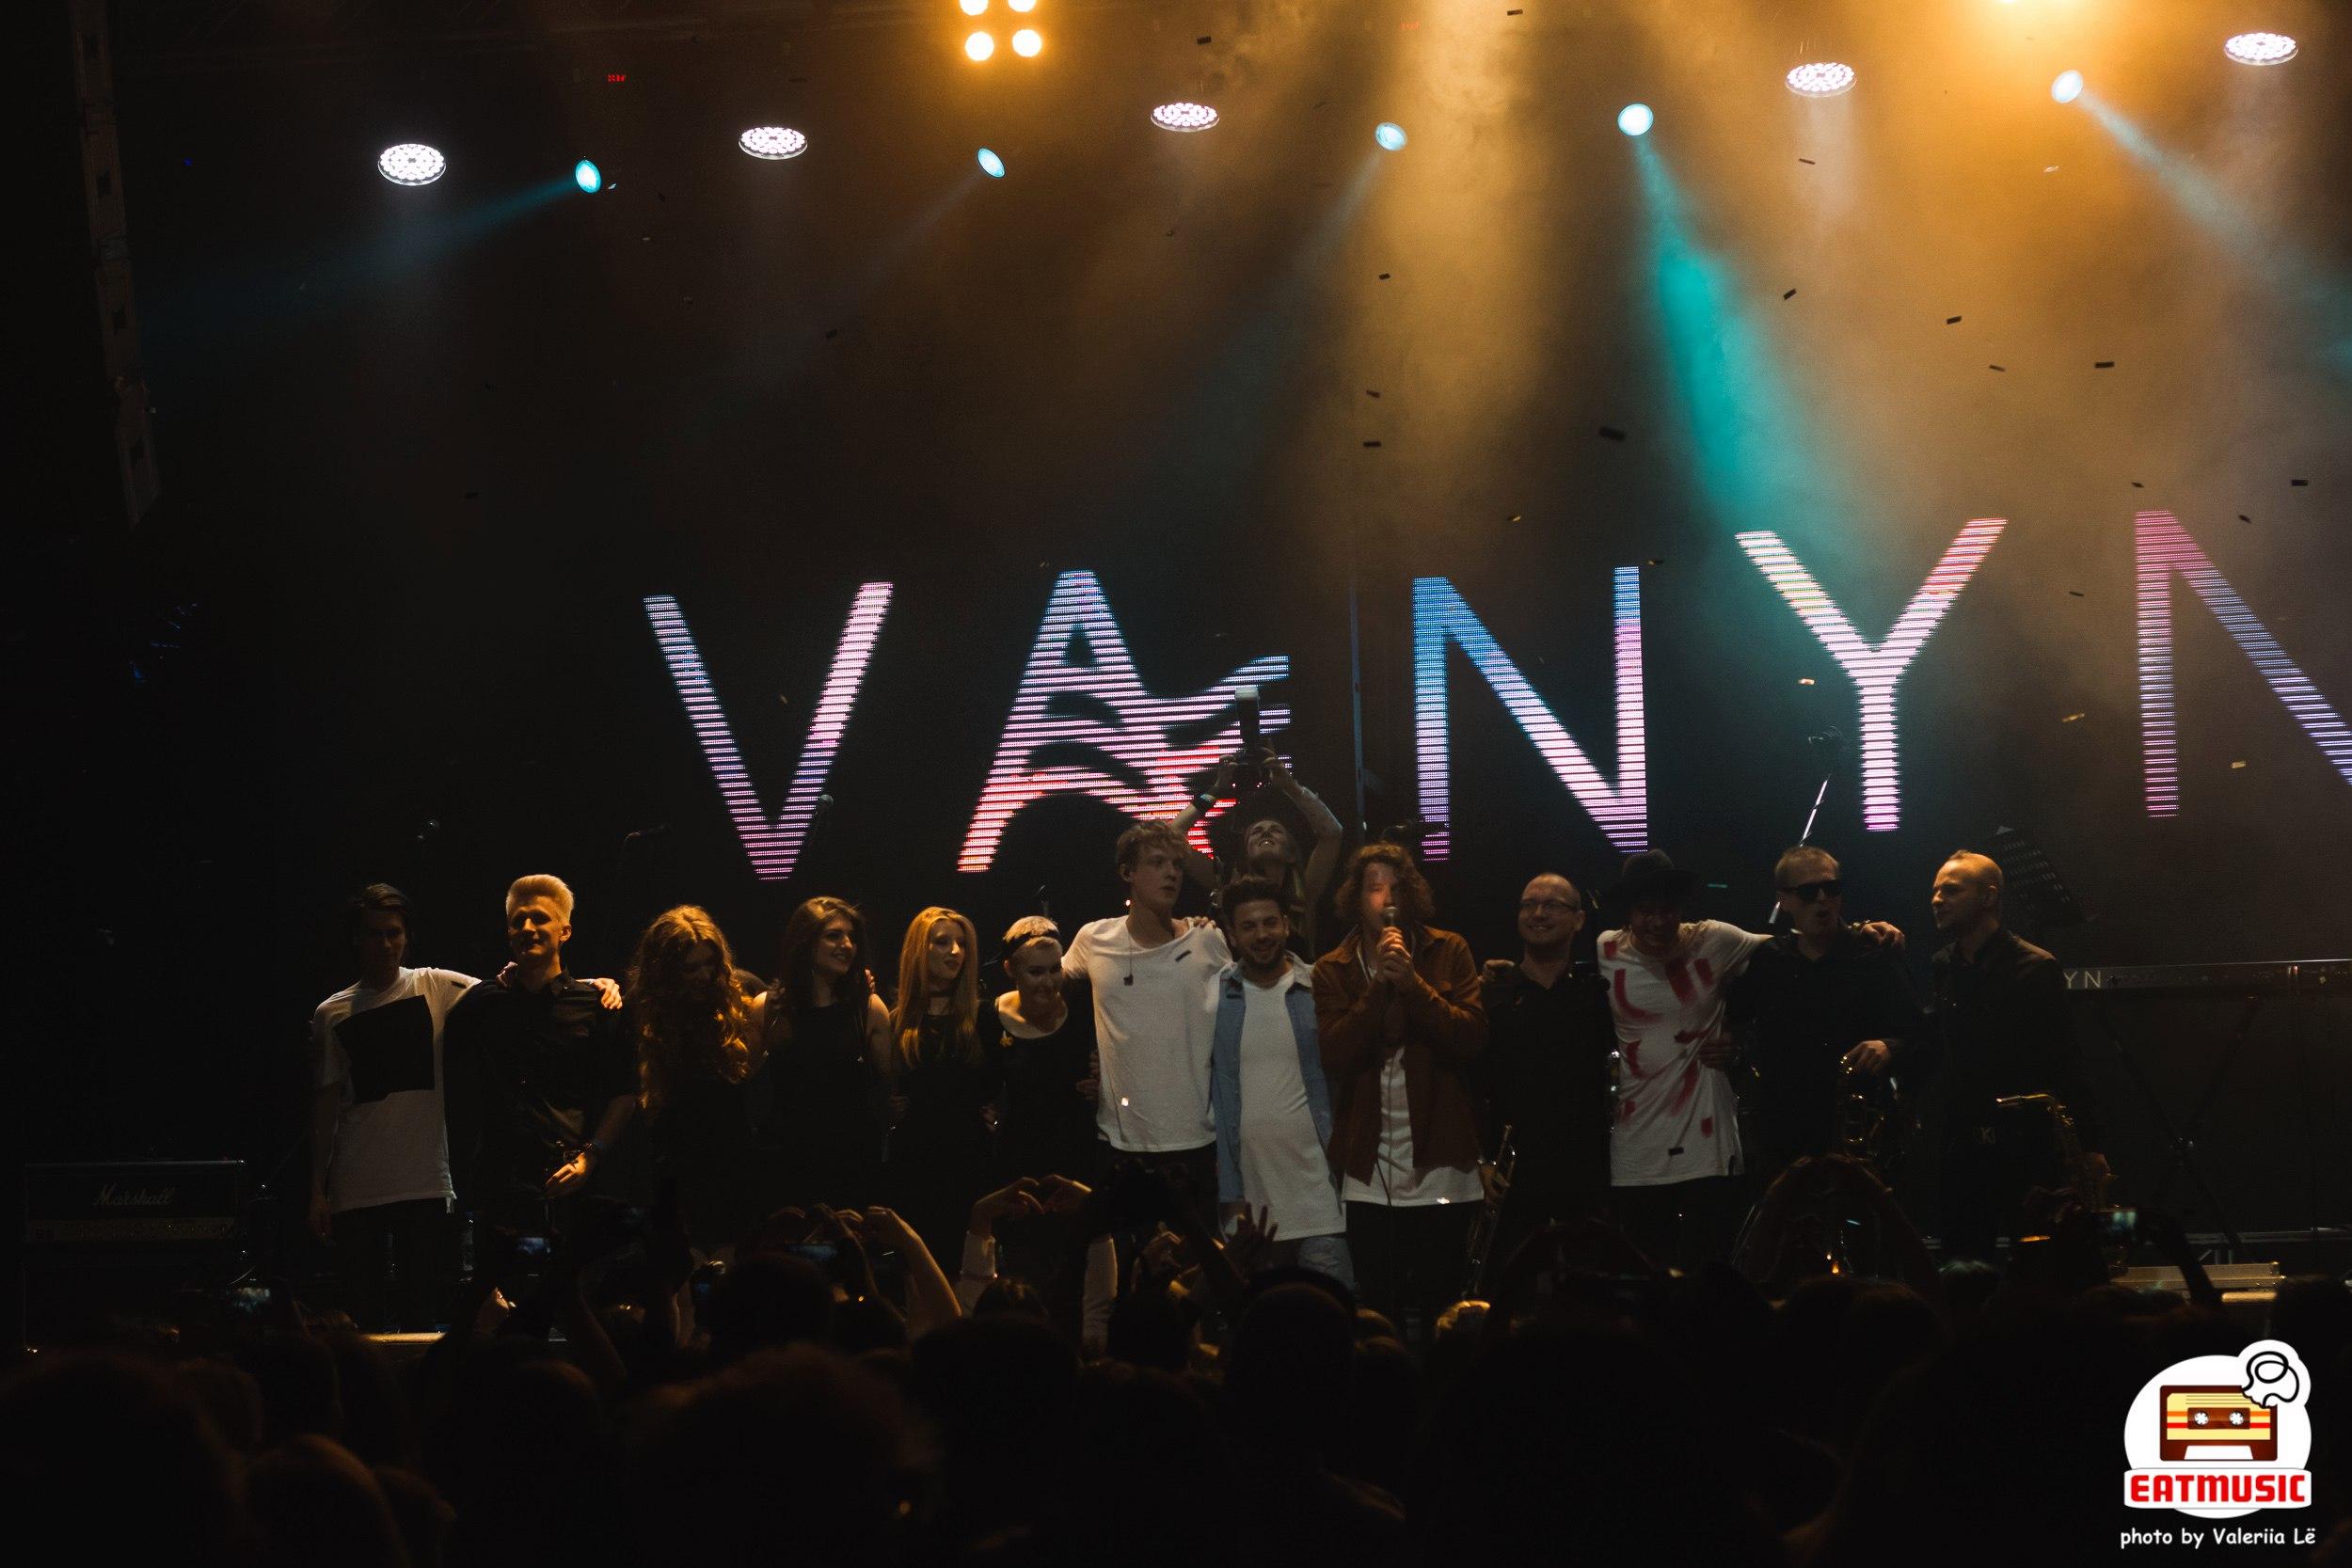 Презентация дебютного ЕР VANYN в клубе RED 03.06.2017: репортаж, фото Валерия Ле